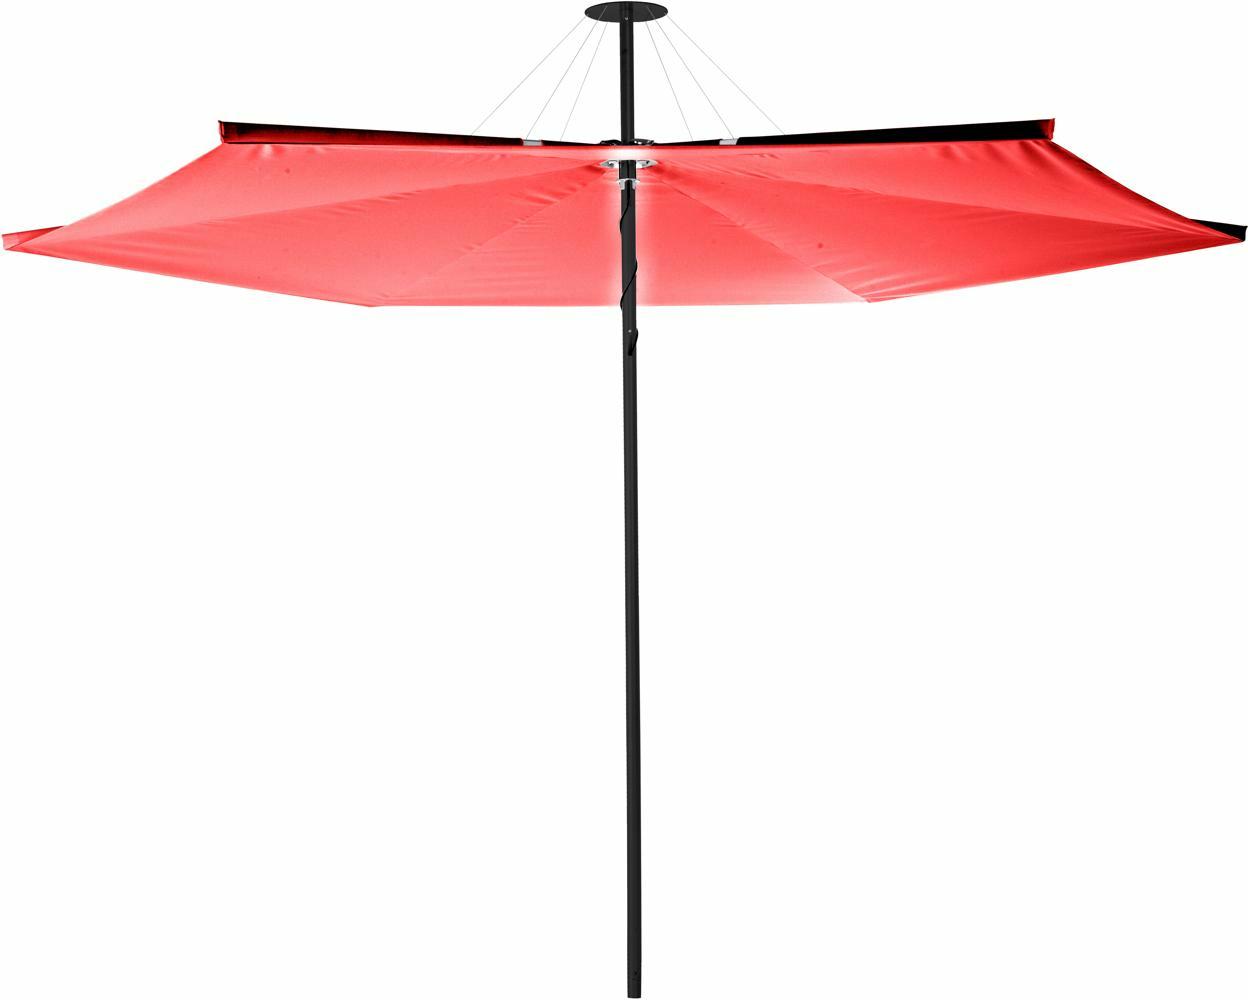 Infina ombrellone da giardino